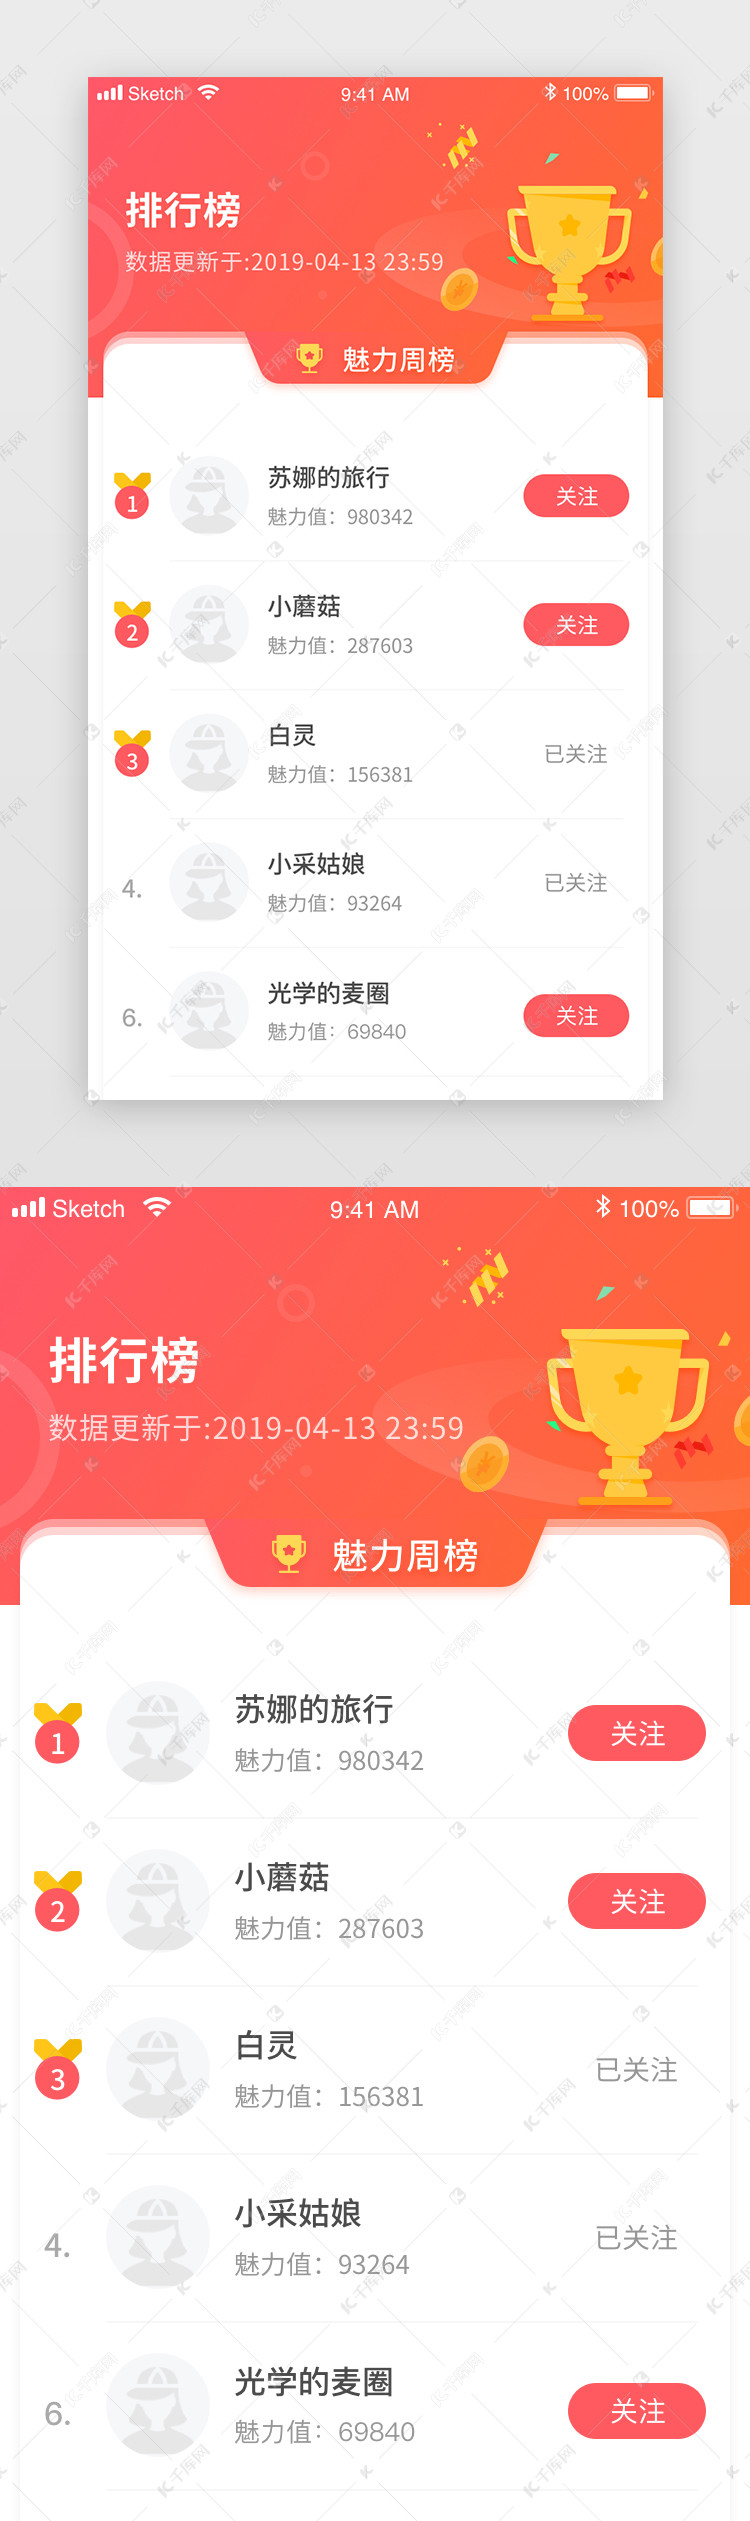 橙色渐变社交主播app魅力值排行榜界面